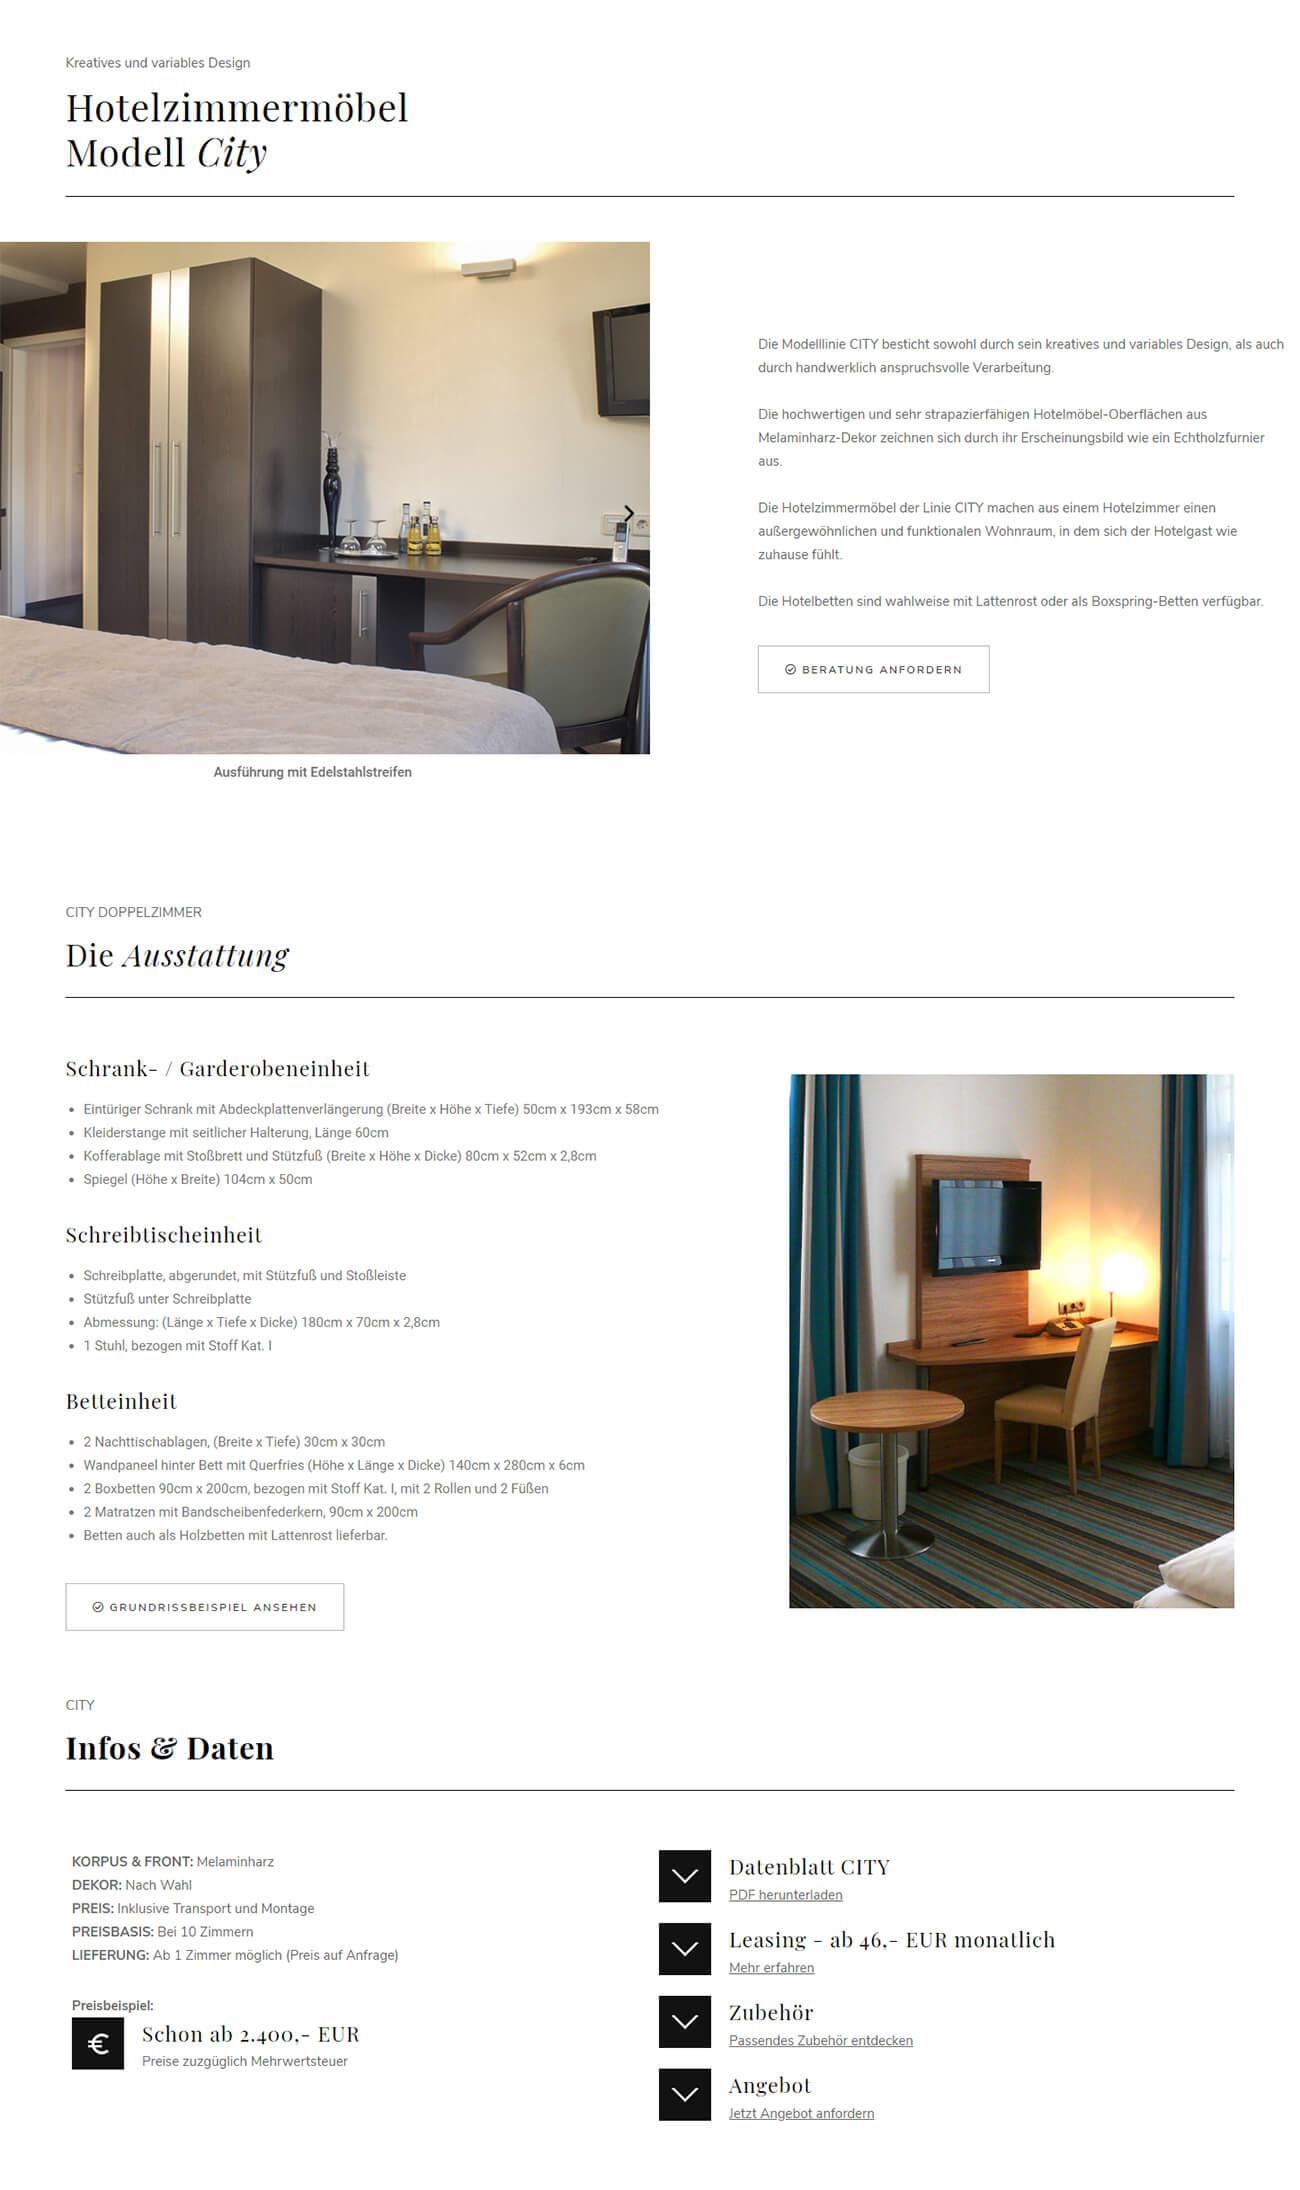 Webagentur Referenz Möbelherstellers